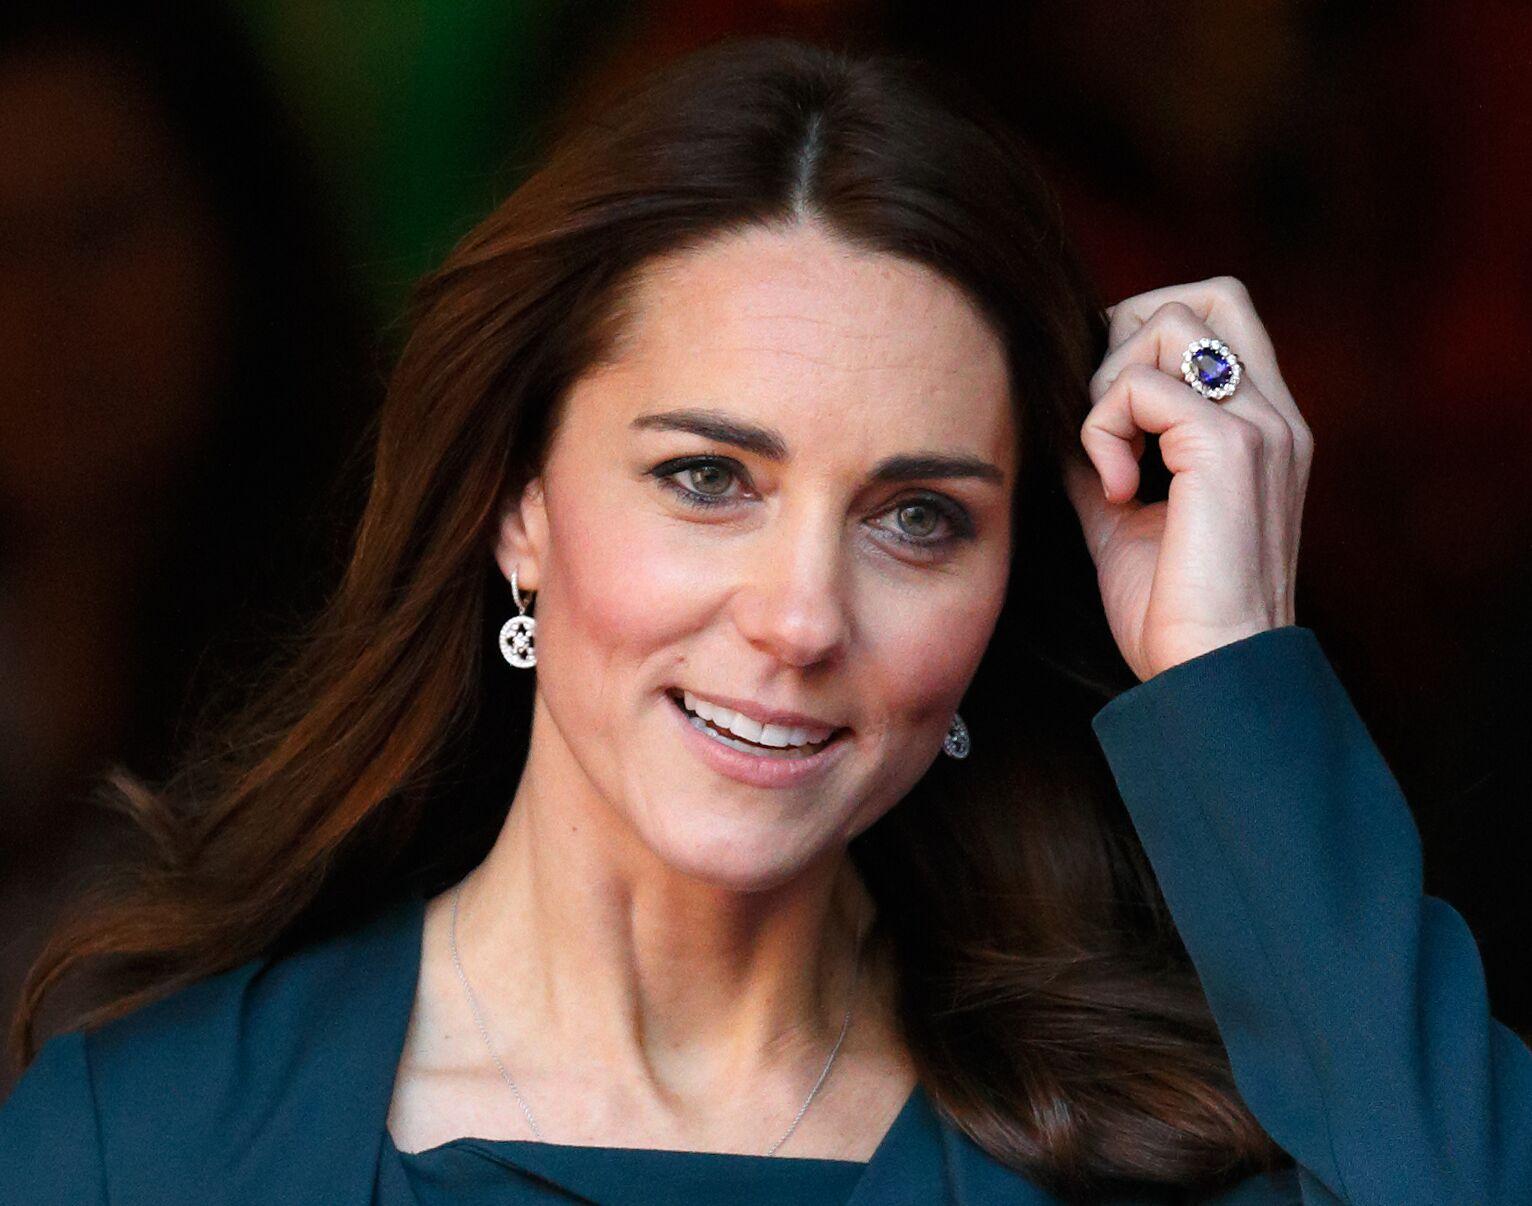 Catherine, Duchesse de Cambridge assiste à la journée de charité de l'ICAP à l'ICAP le 9 décembre 2015 à Londres, Angleterre | Source : Getty Images